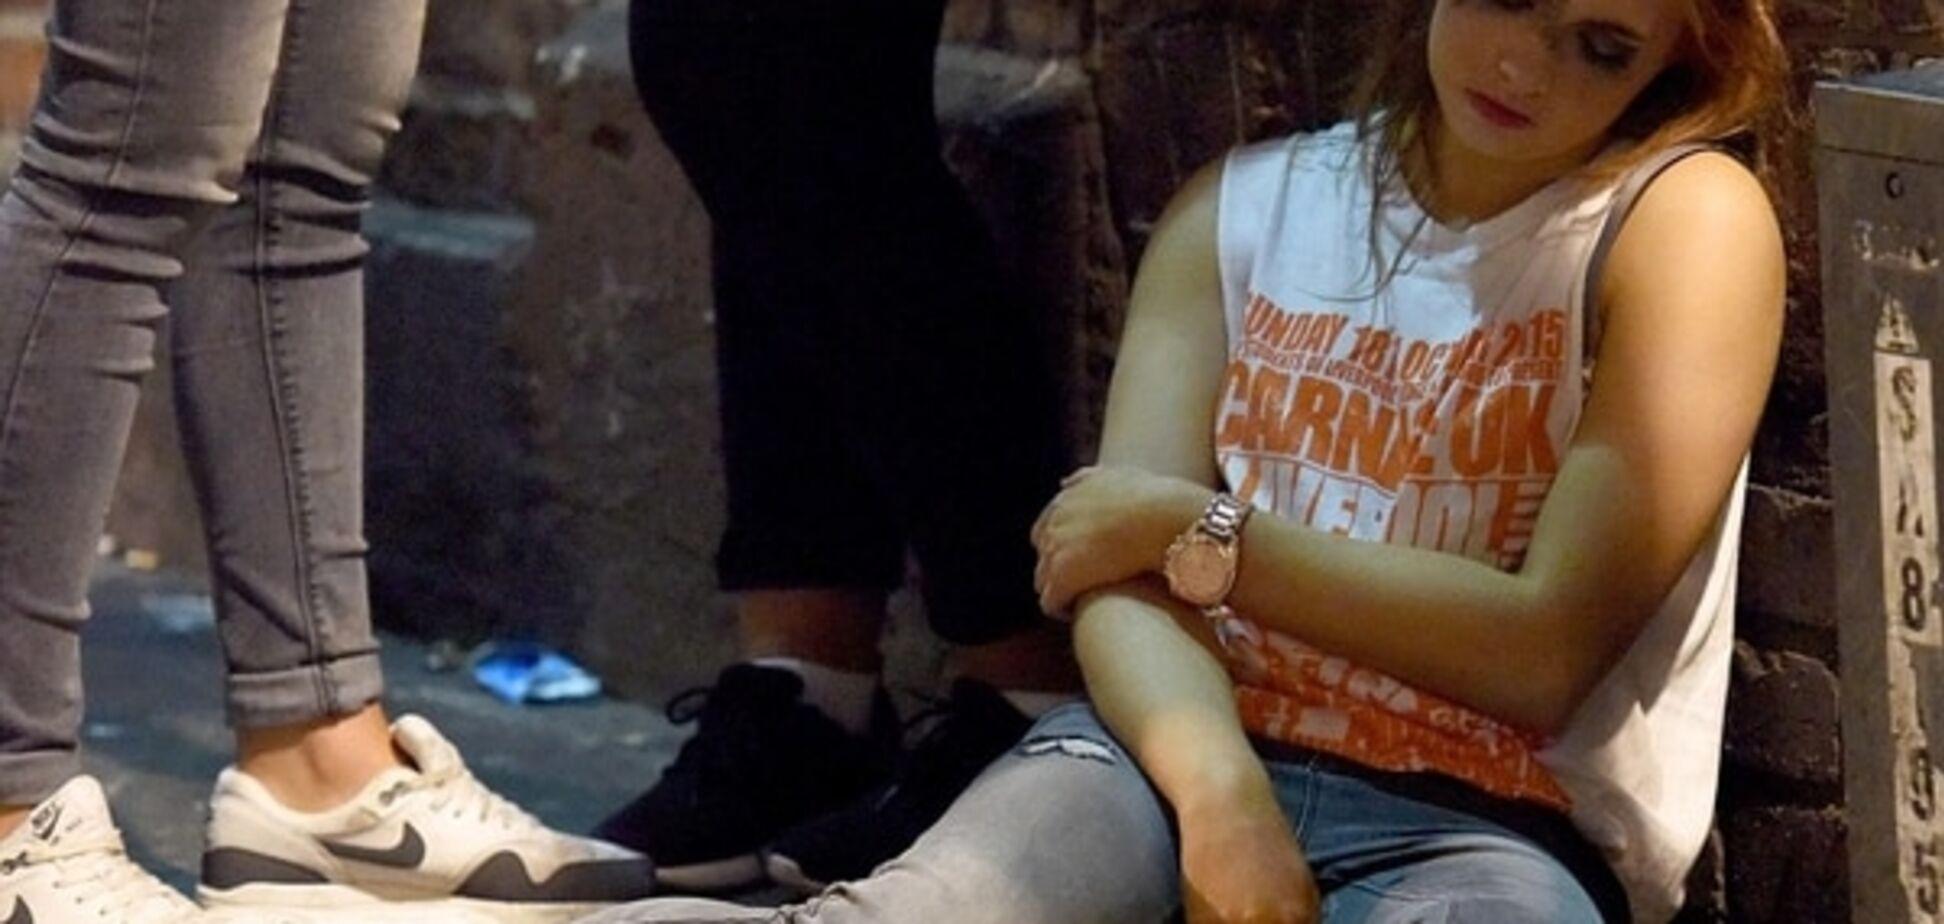 У Британії почався 'сезон студентських п'янок': шокуючі фото, зроблені біля пабів